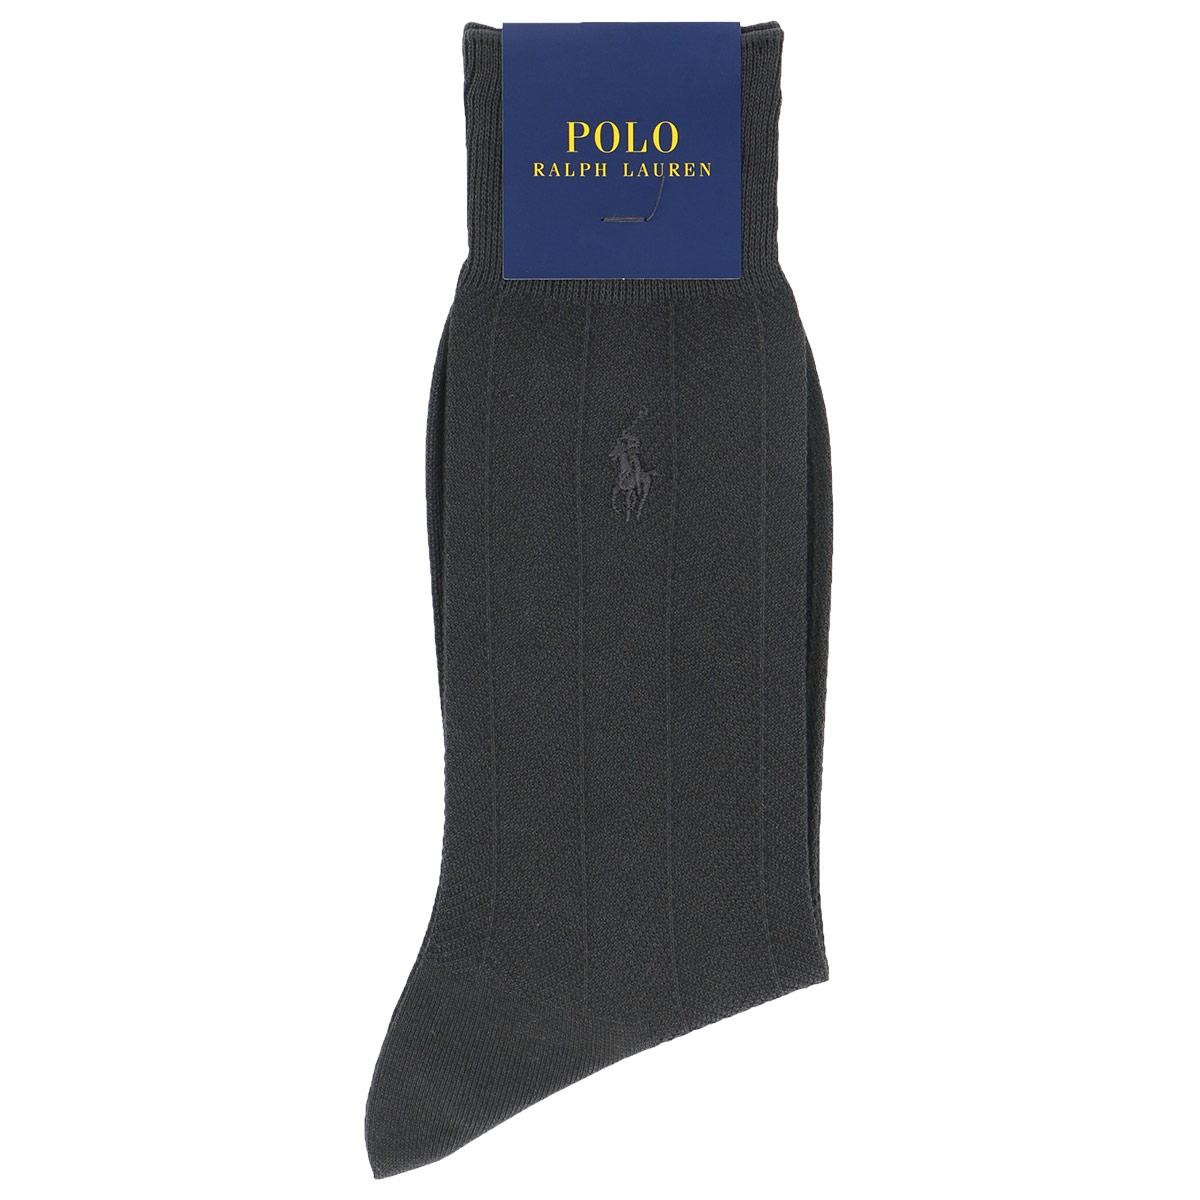 POLO RALPH LAUREN ポロ ラルフローレン|メンズ 男性 紳士 靴下|Dress|COOL 強撚綿|抗菌防臭|ワンポイント刺繍|ヘリンボン柄|ビジネスソックス|2042-232【ゆうパケット・4点まで】